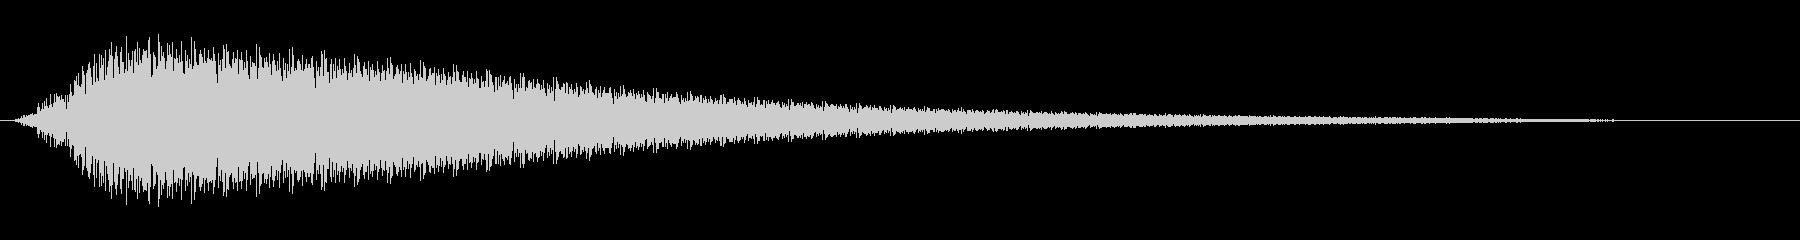 チュイーン(スペーシーで綺麗な音)の未再生の波形